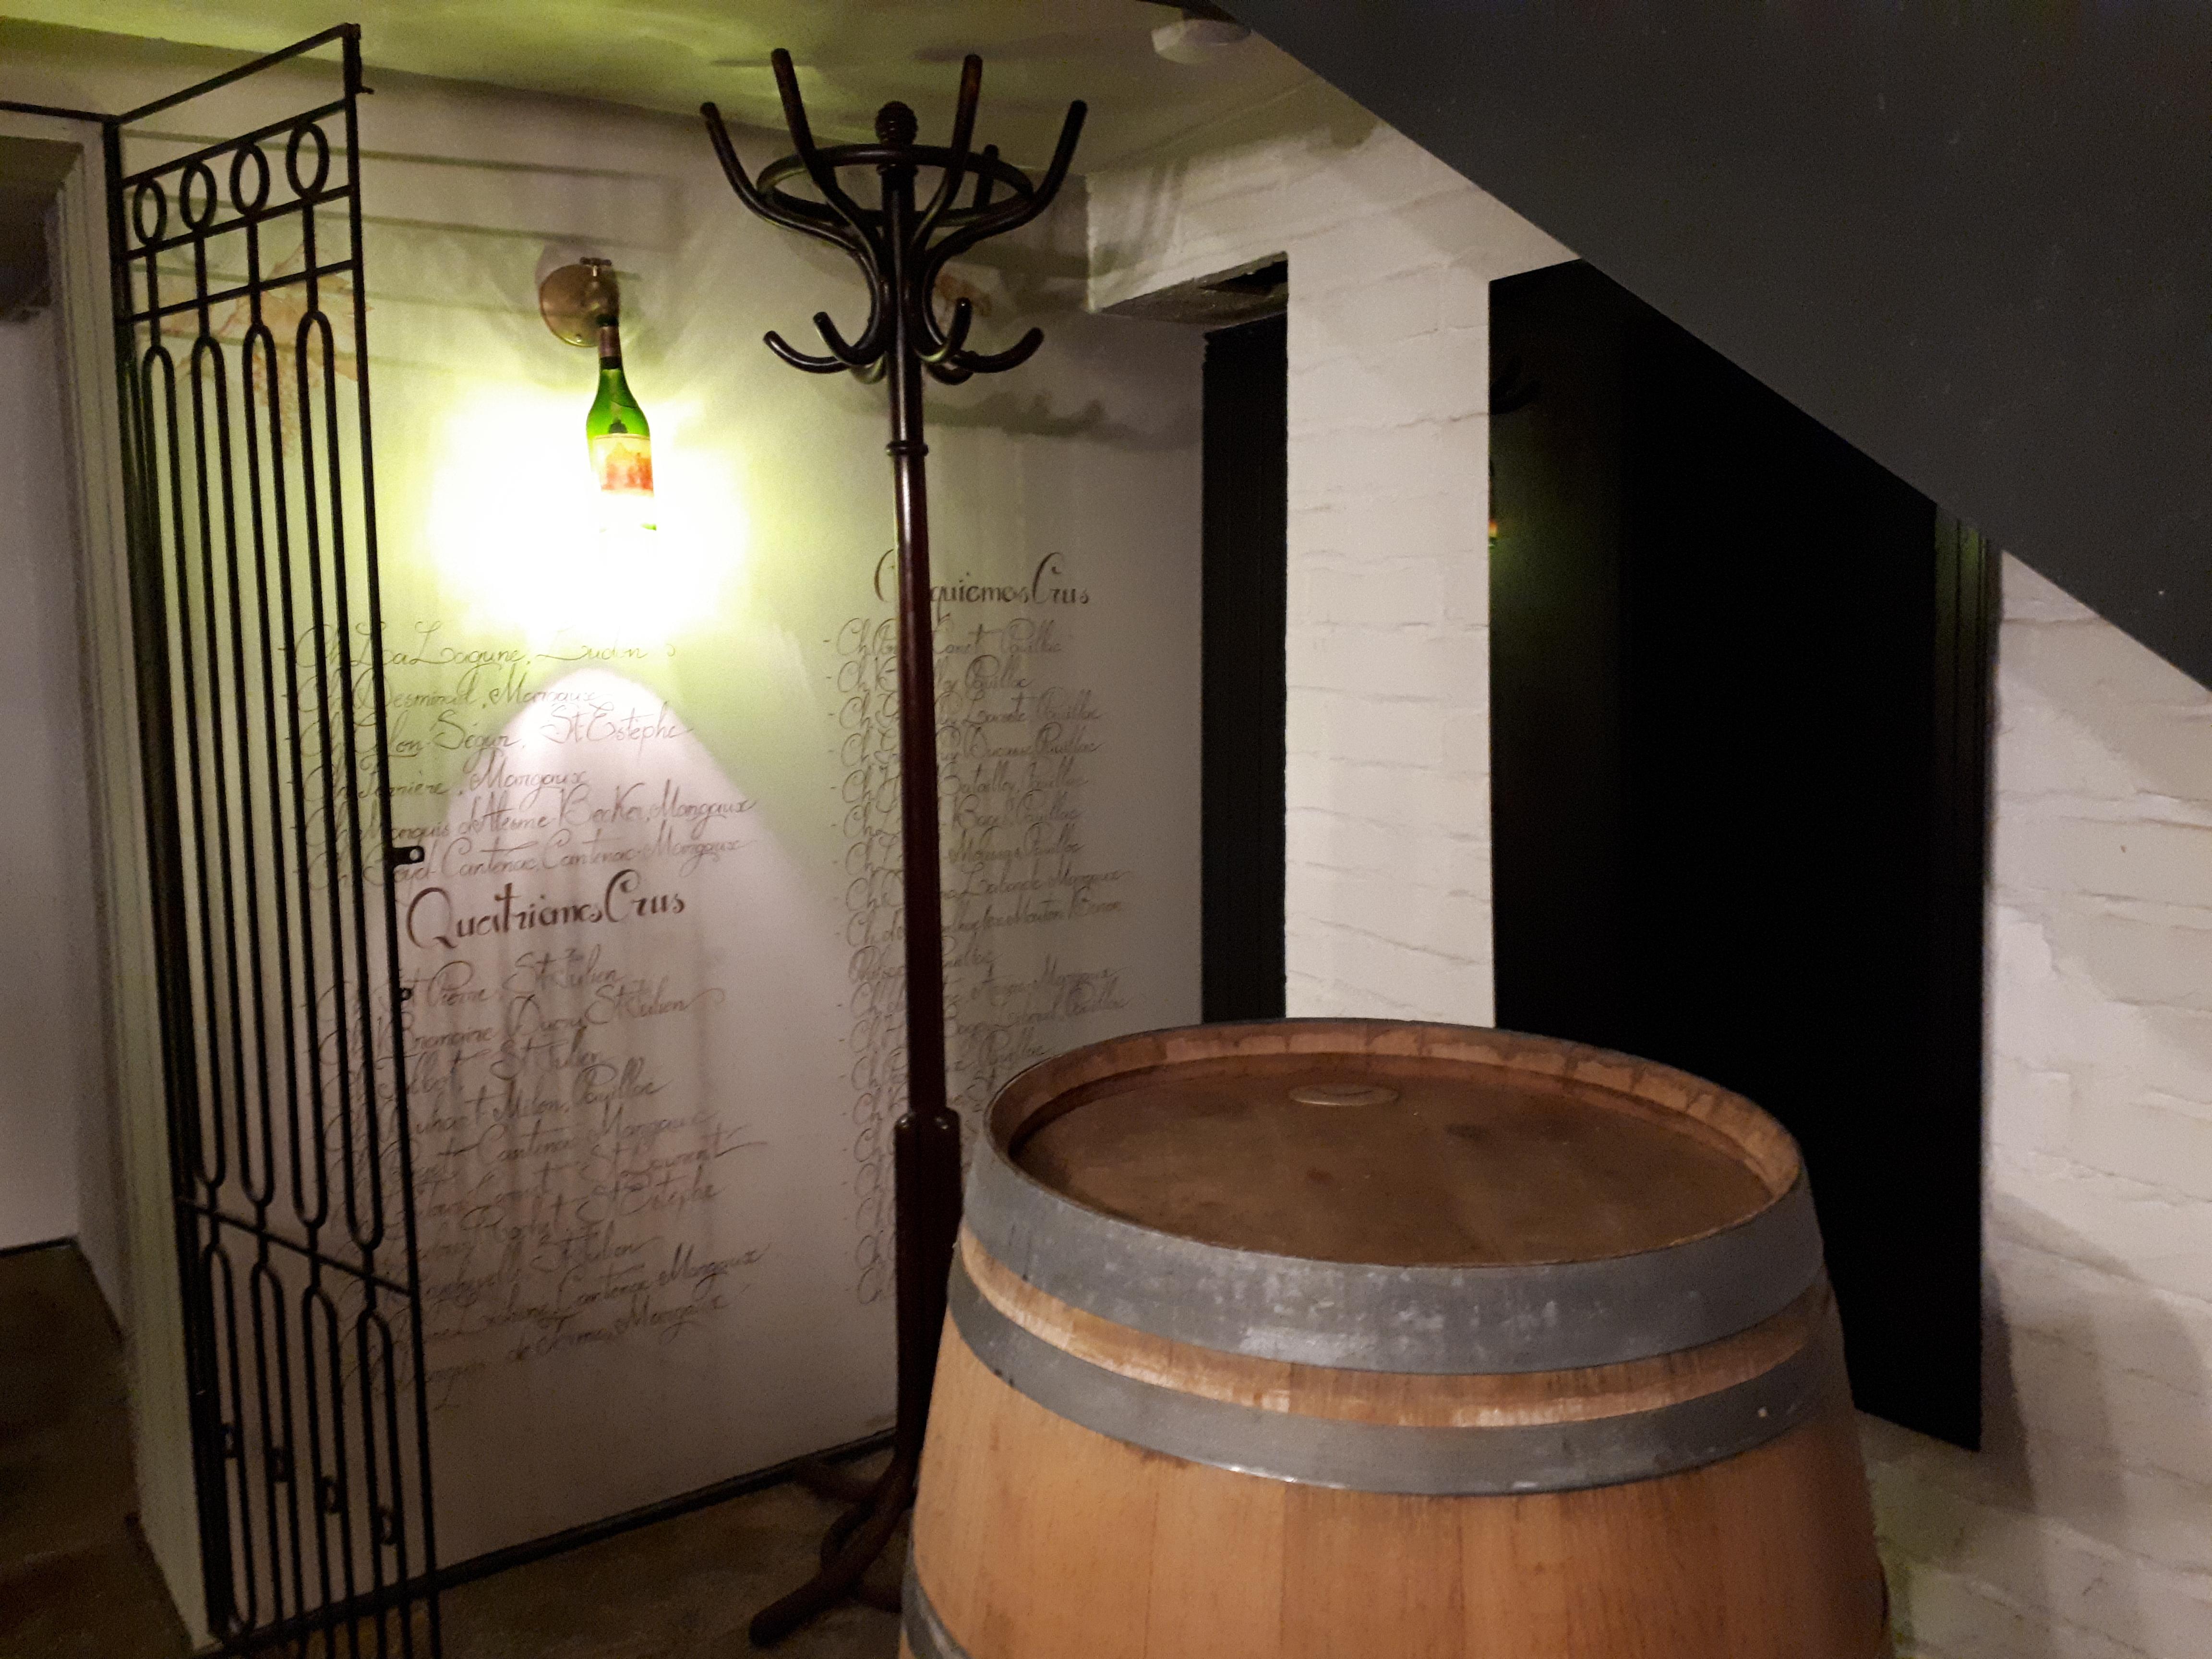 vin butoi De Corina